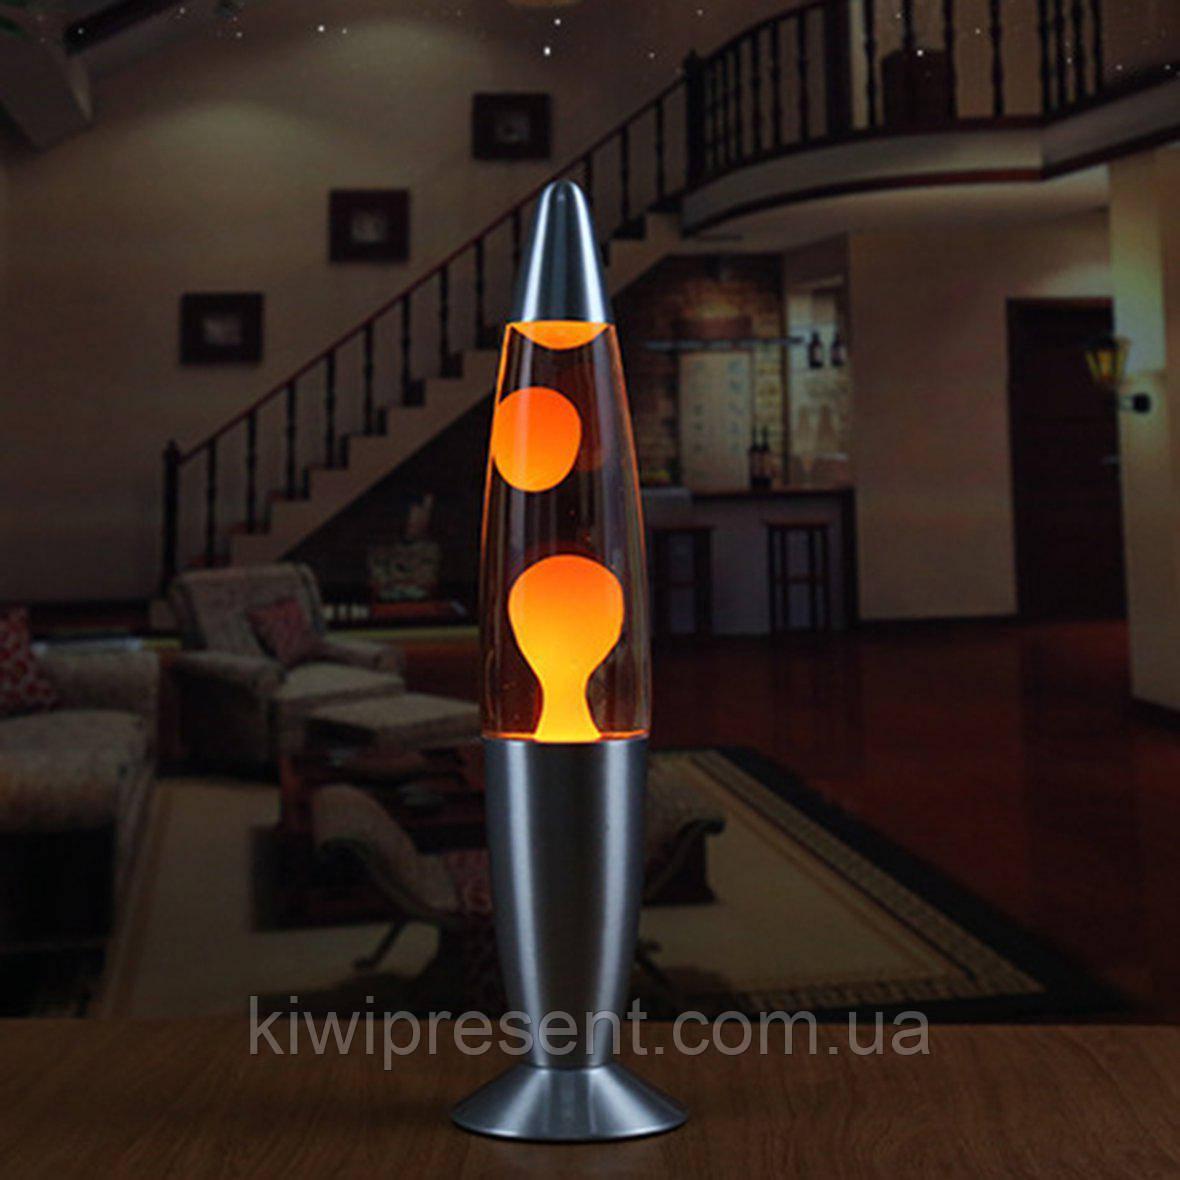 Лава Лампа ОРАНЖЕВАЯ 49 см Magma Lamp